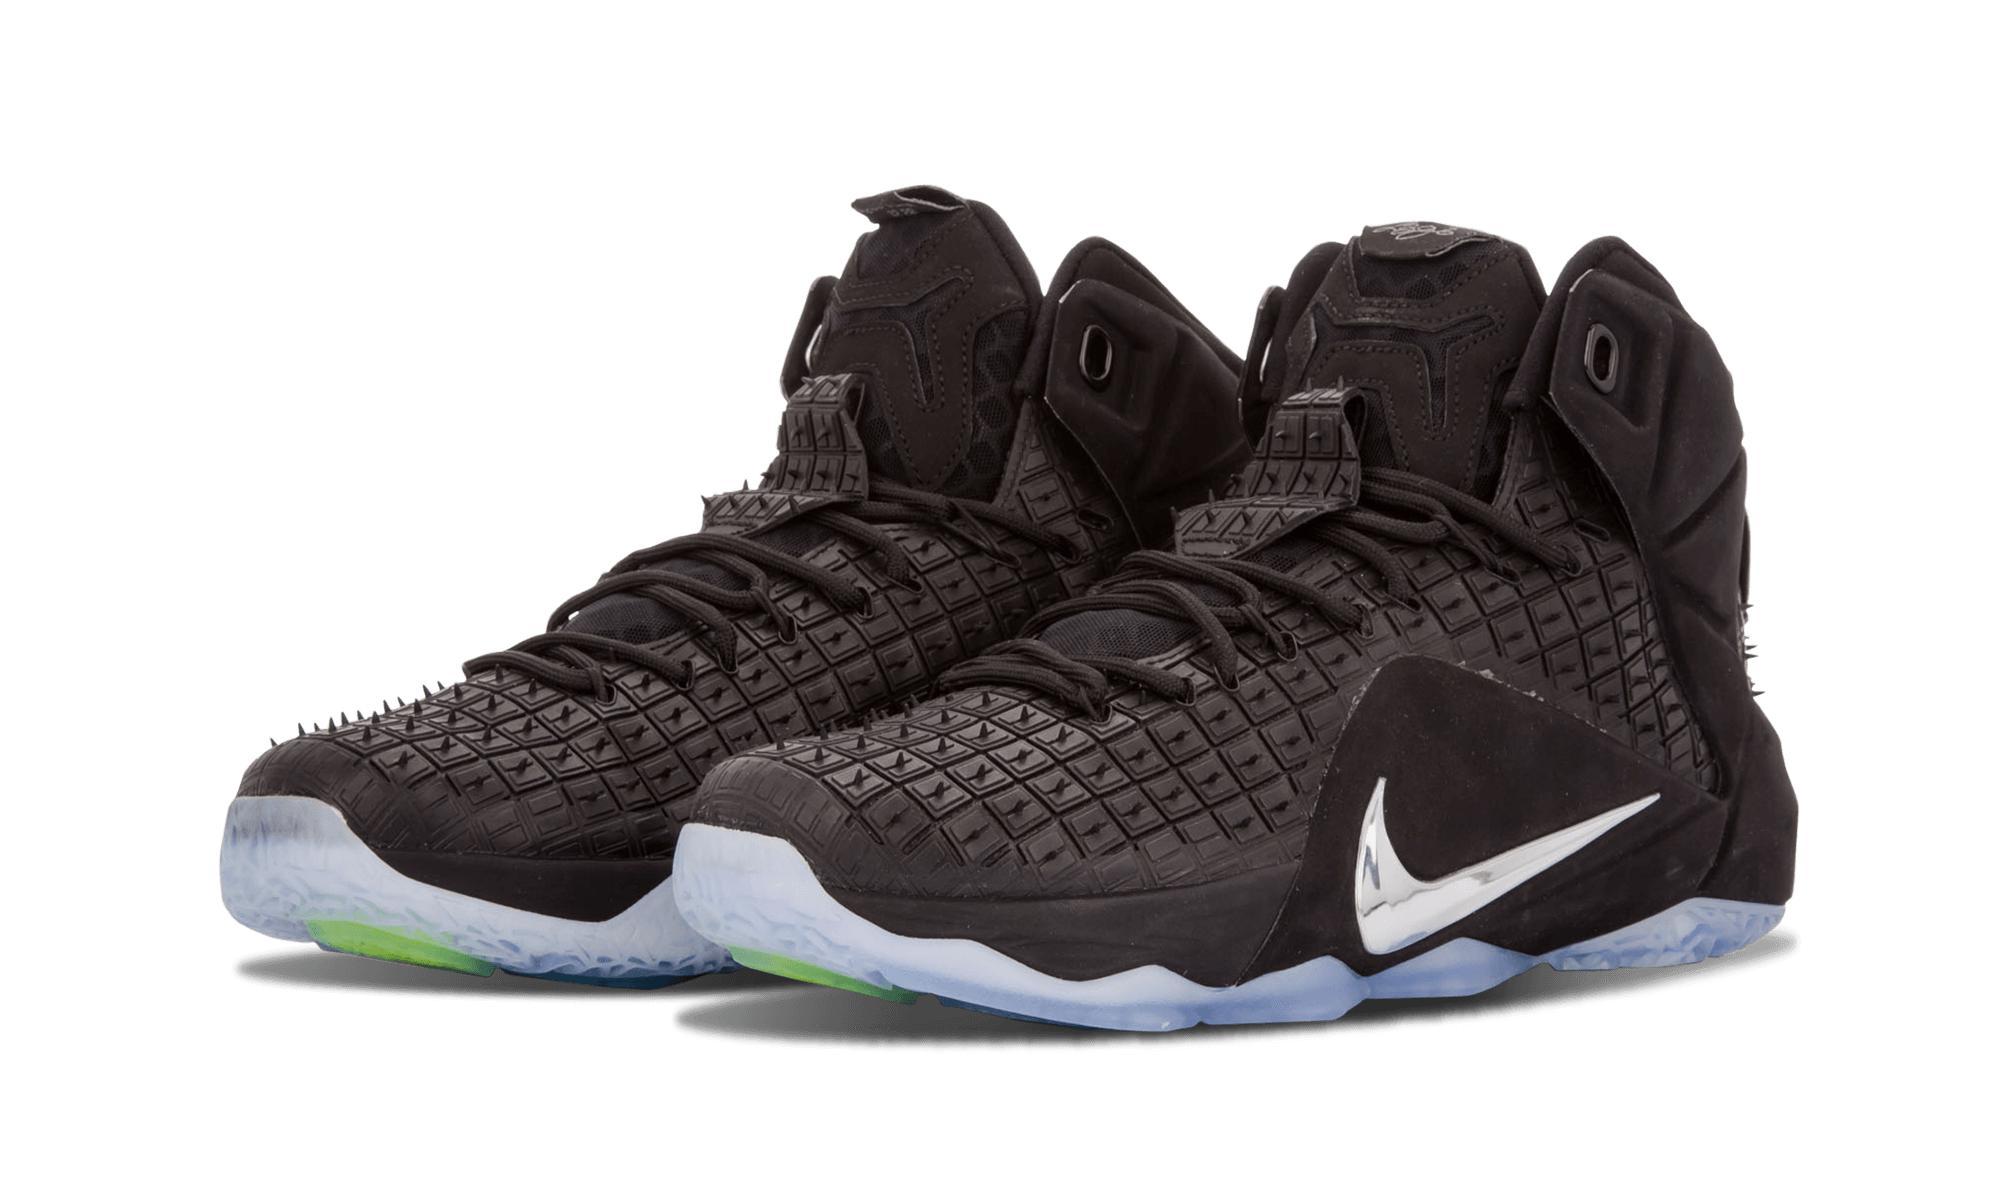 bd068003a4db Nike - Black Lebron 12 Ext Rc Qs for Men - Lyst. View fullscreen